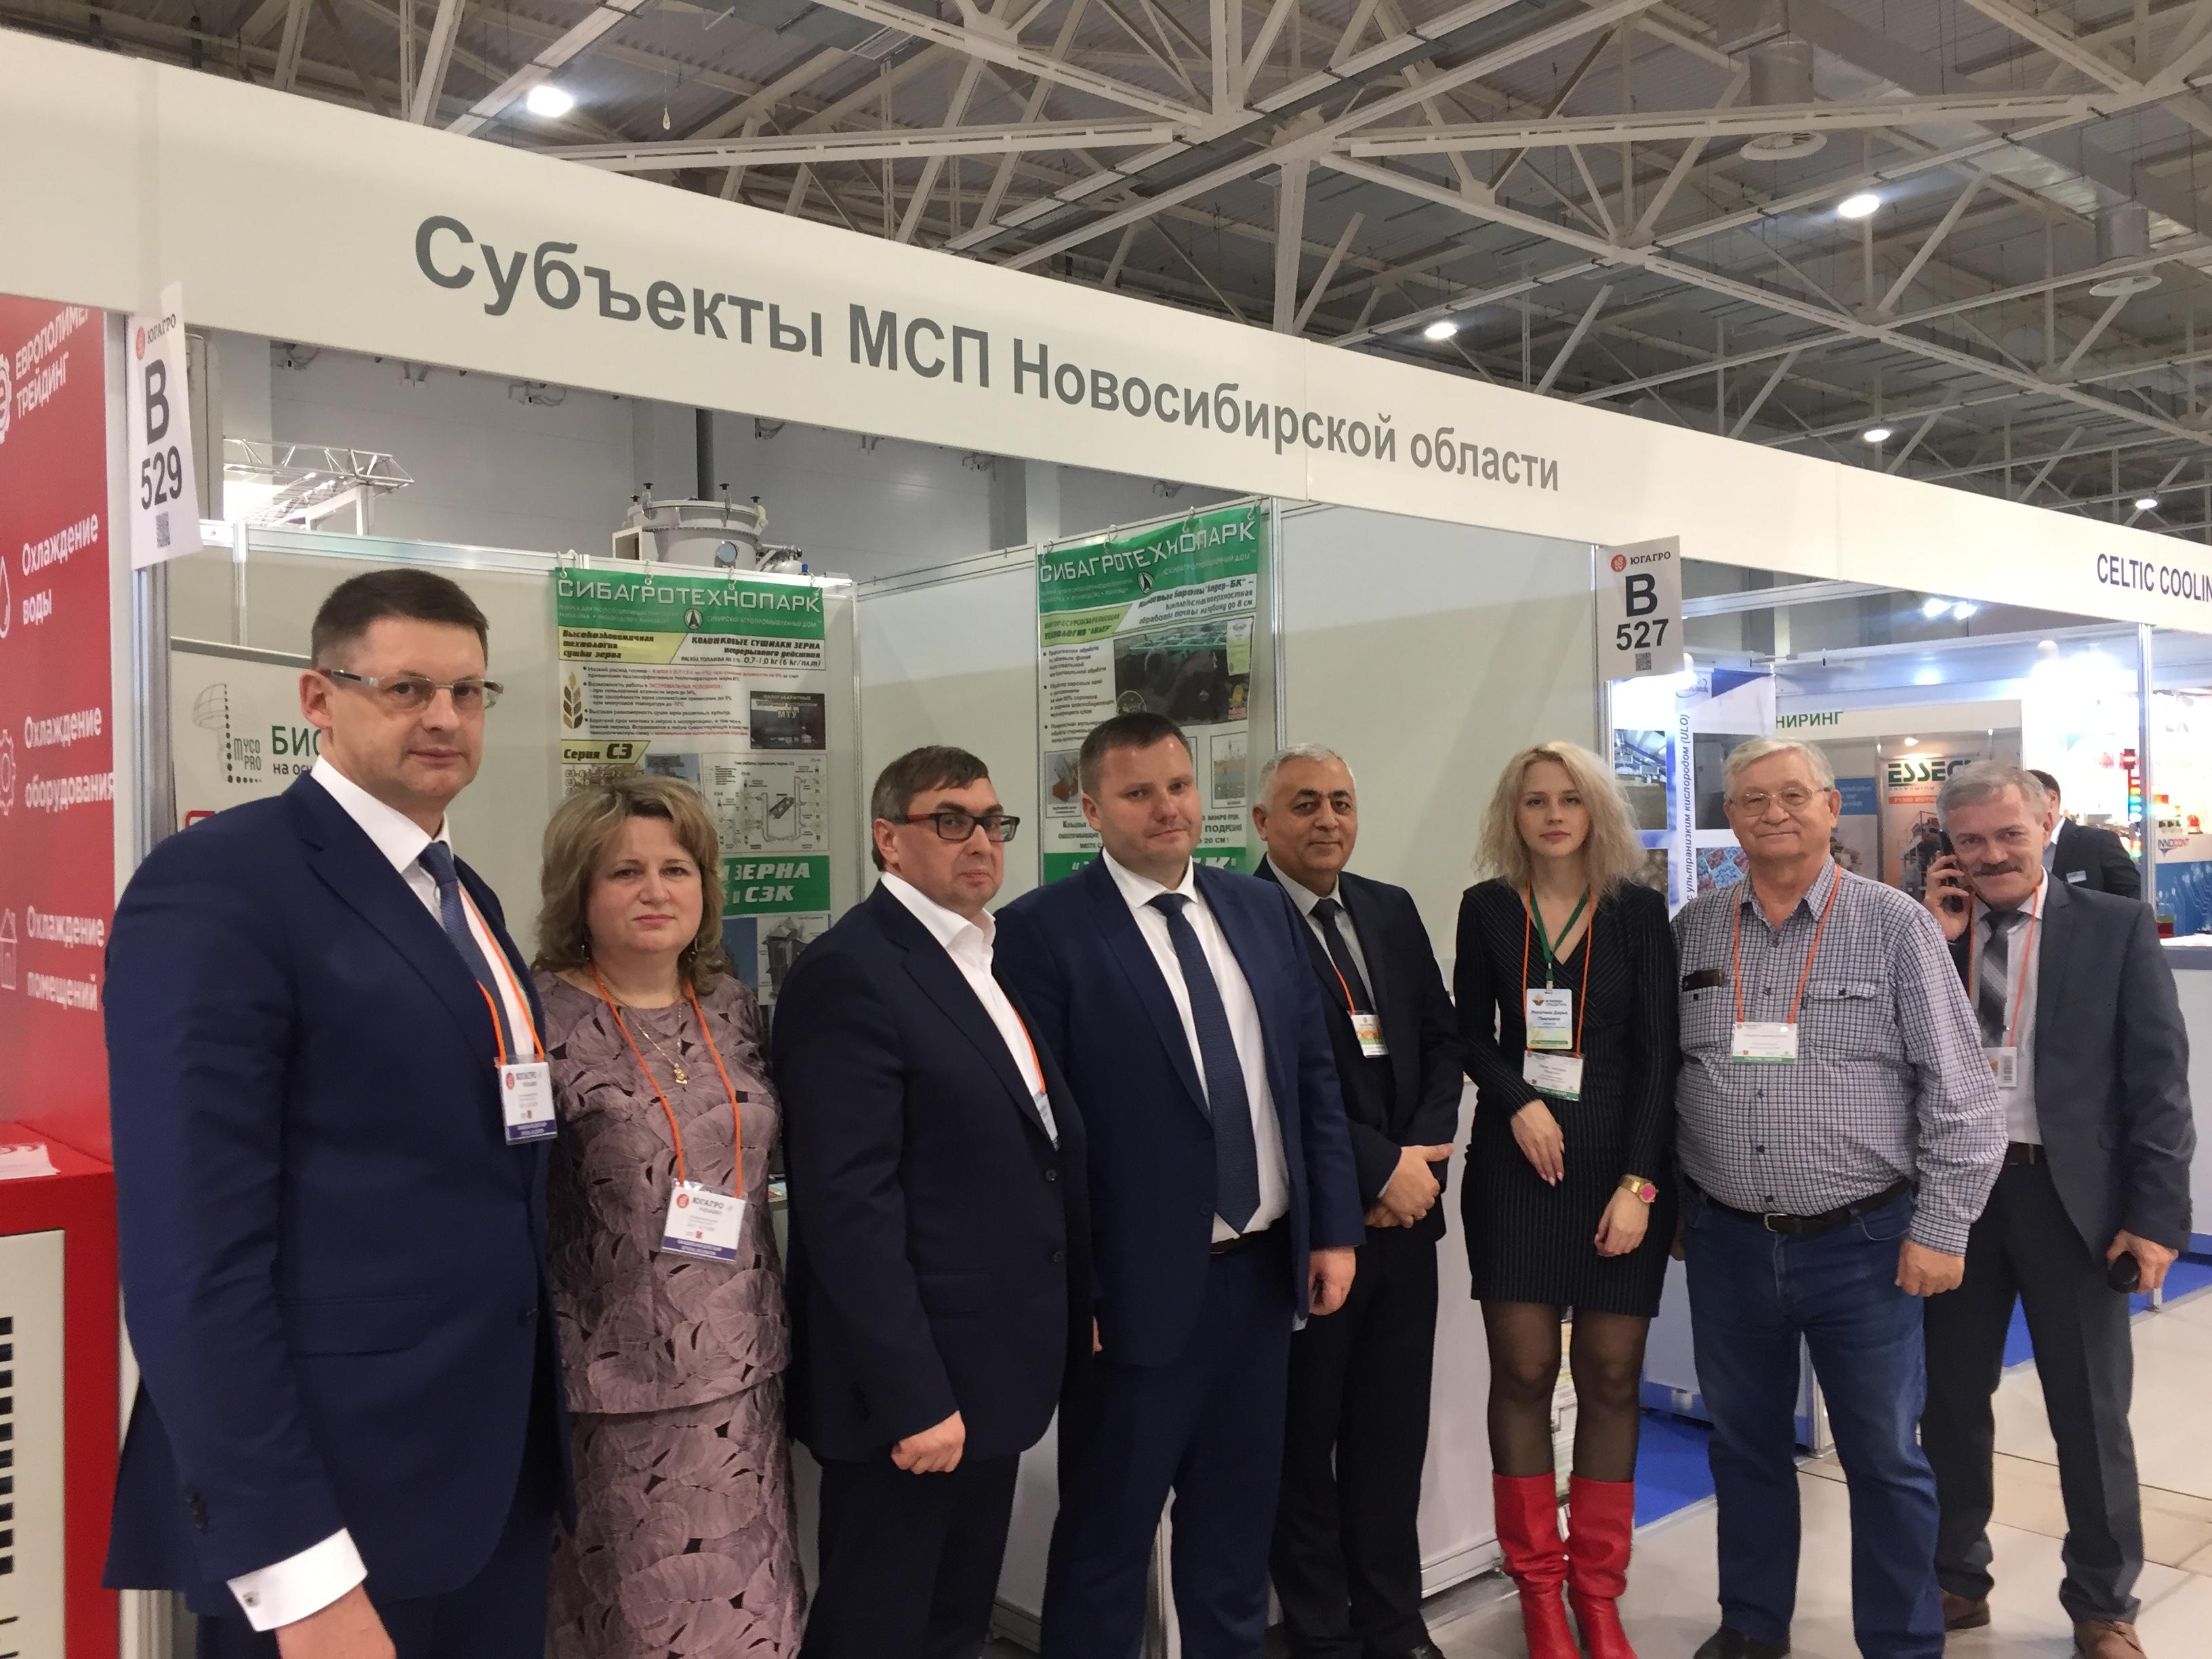 Новосибирские производители привлекли интерес сельхозпроизводителей и переработчиков России